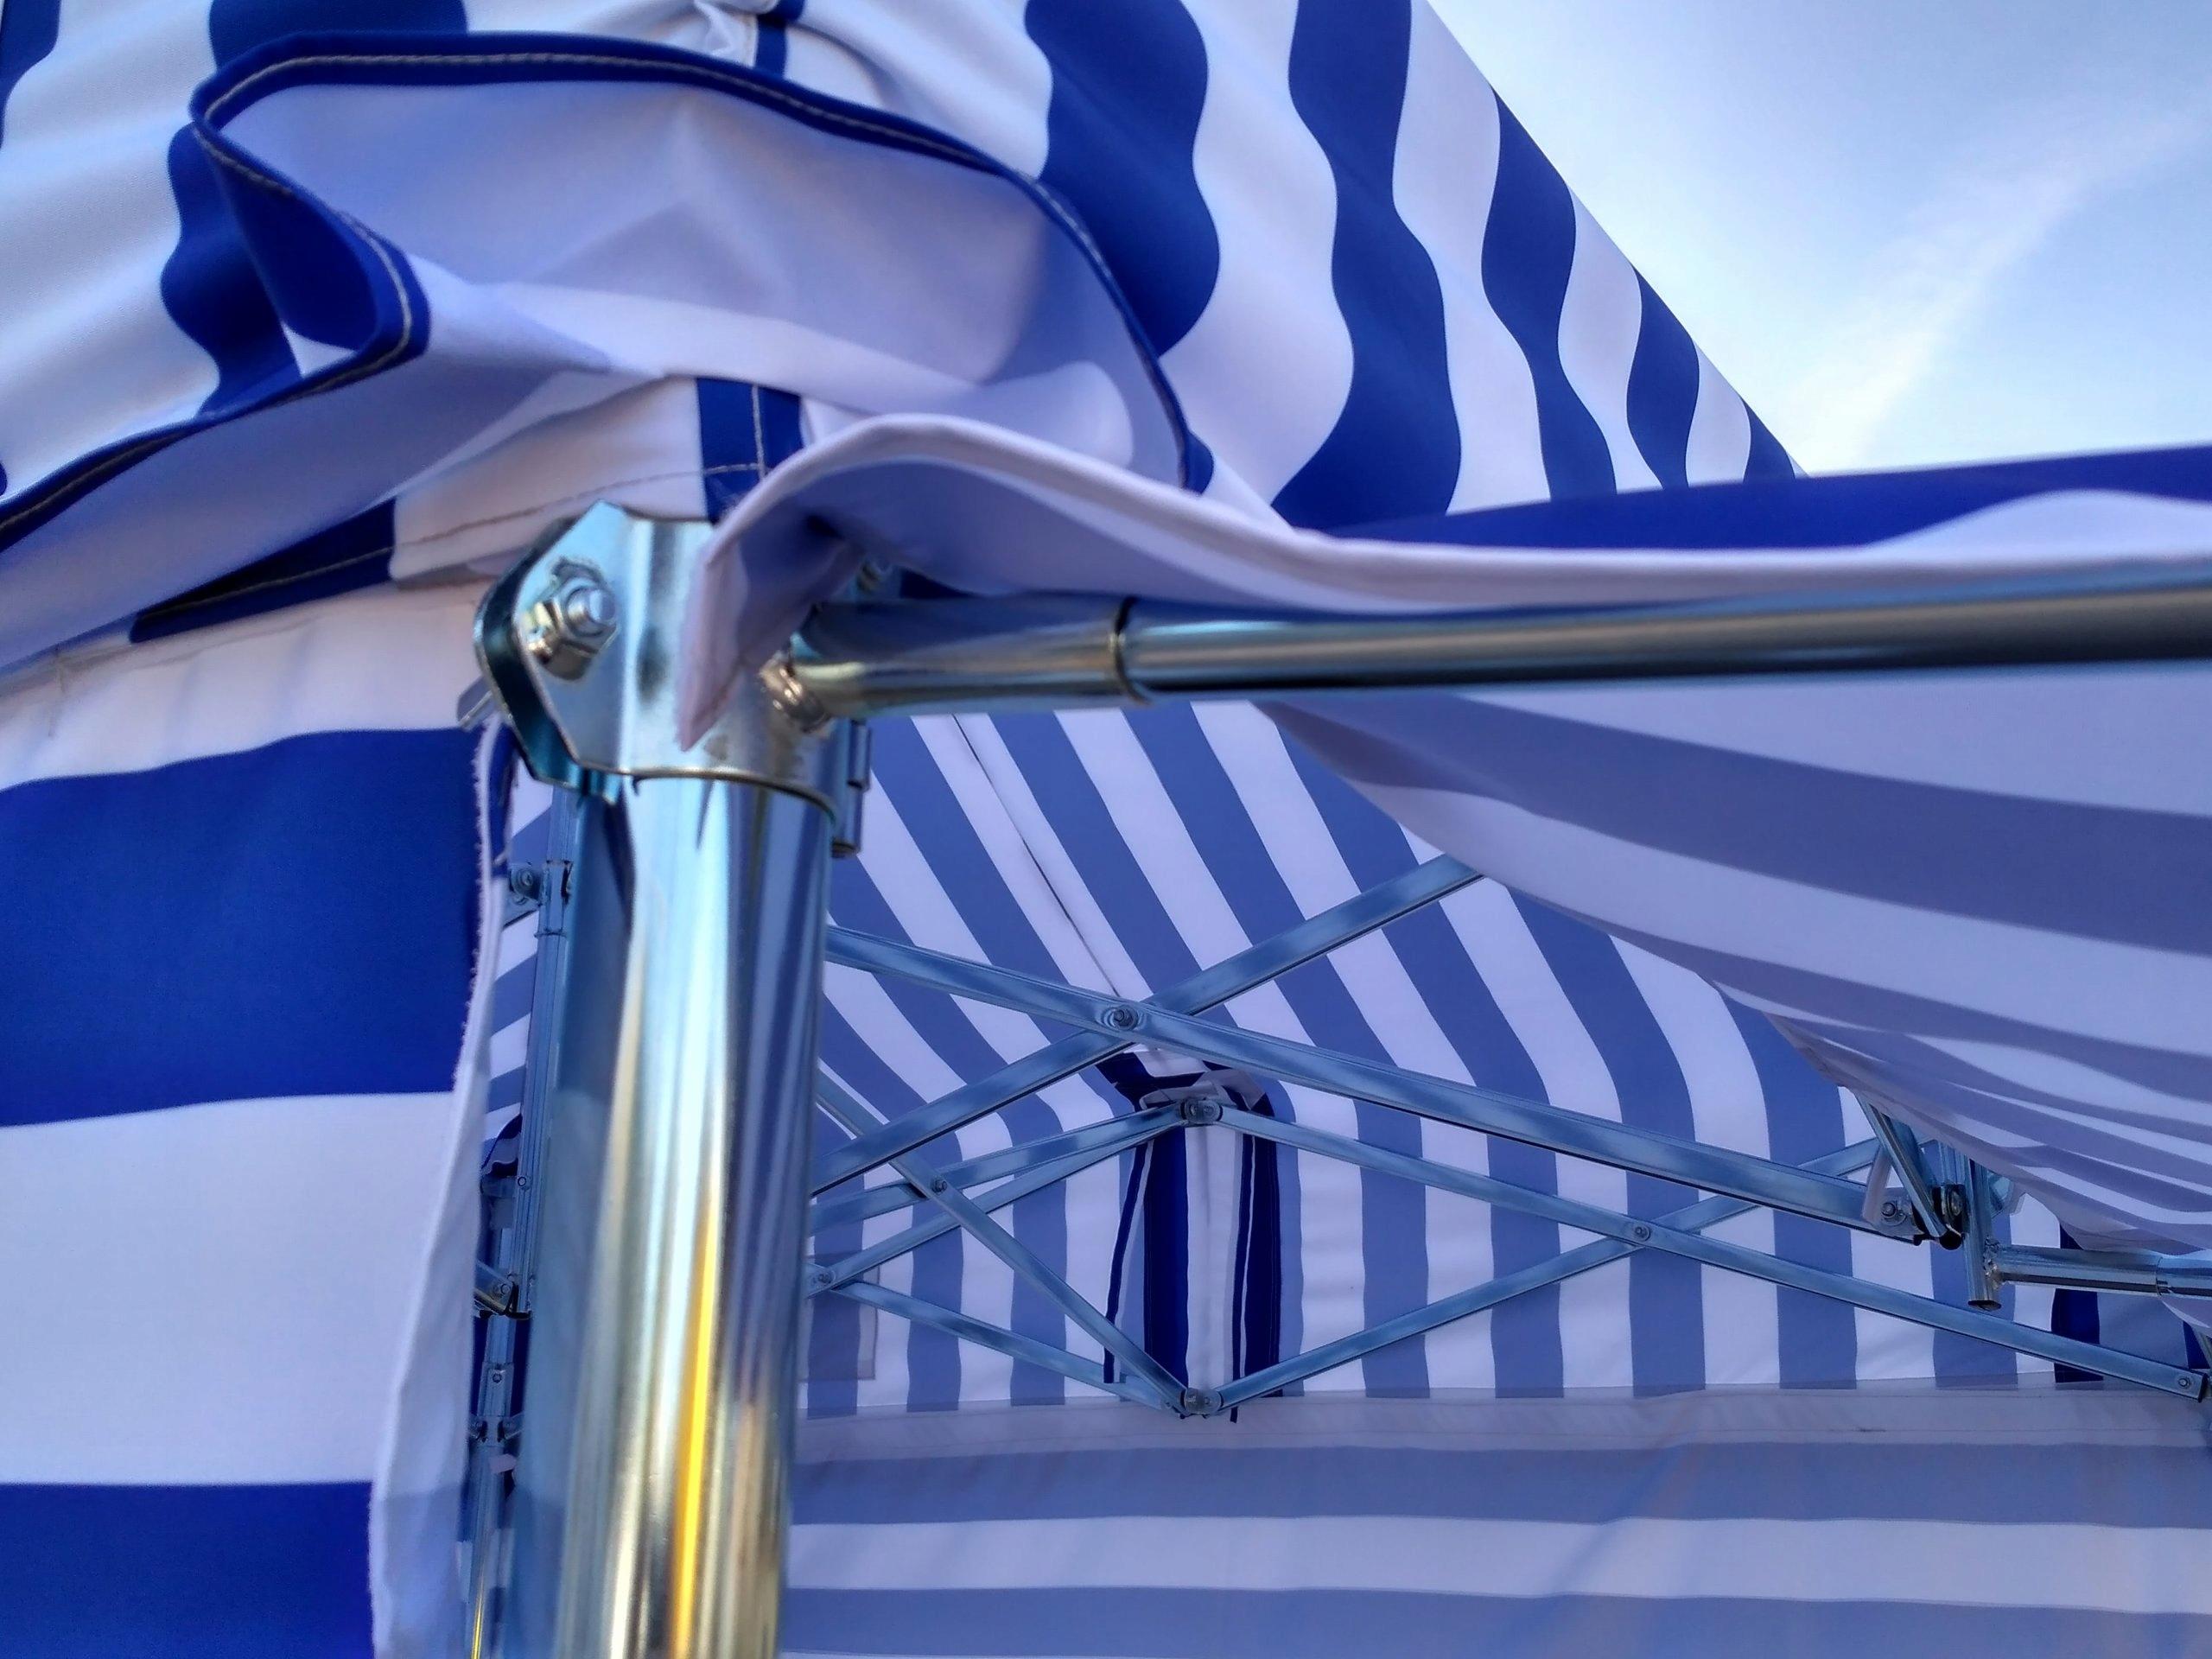 Oryginał Namiot Handlowy Pawilon ekspresowy 3,75 x 2,5 lech - 7507339335 HK16